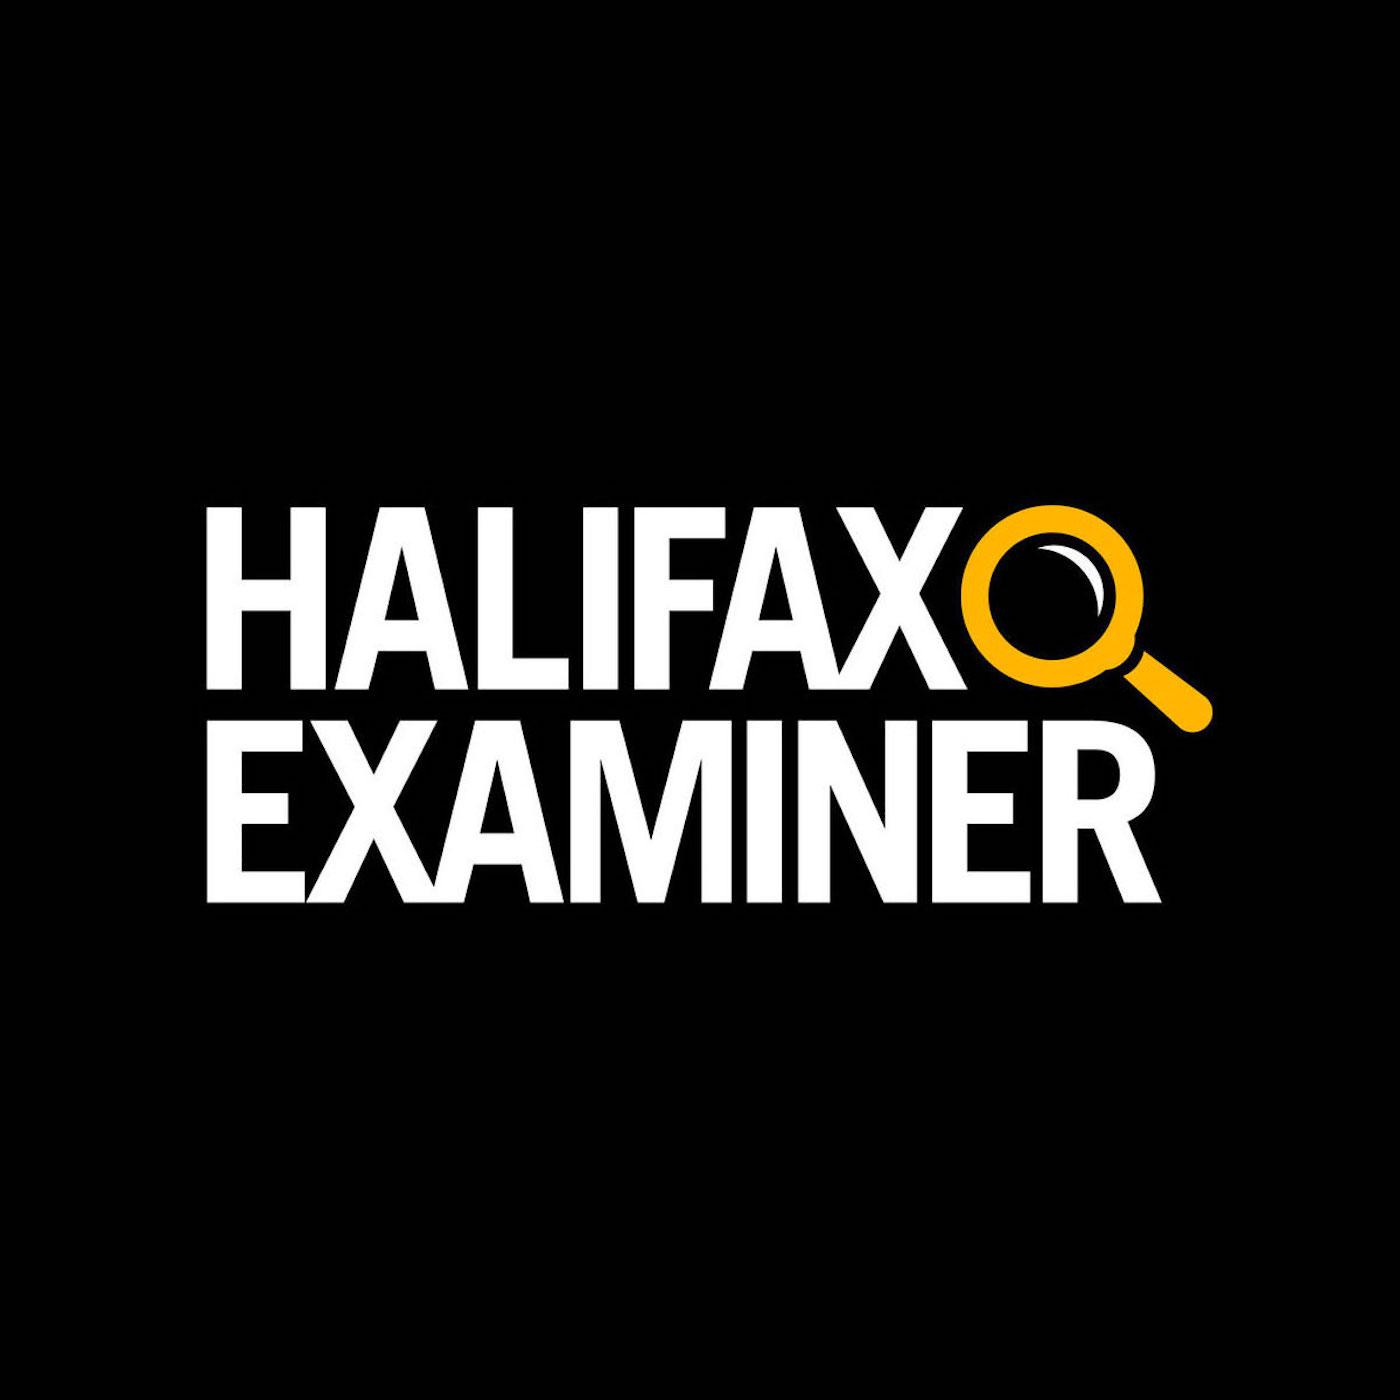 Examineradio - The Halifax Examiner podcast